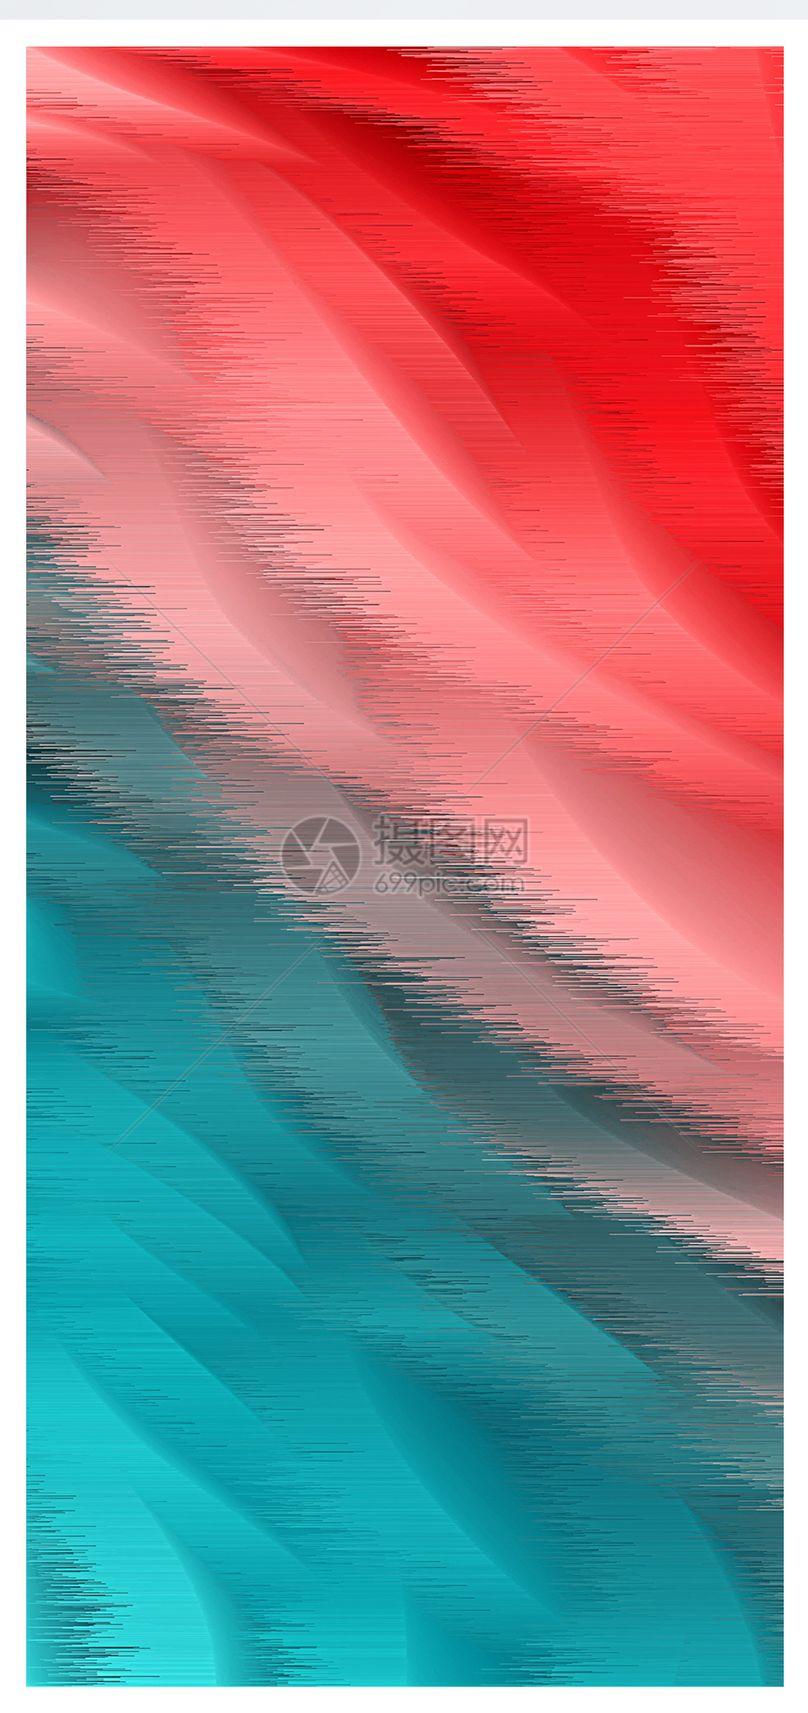 唯美色彩手机壁纸图片